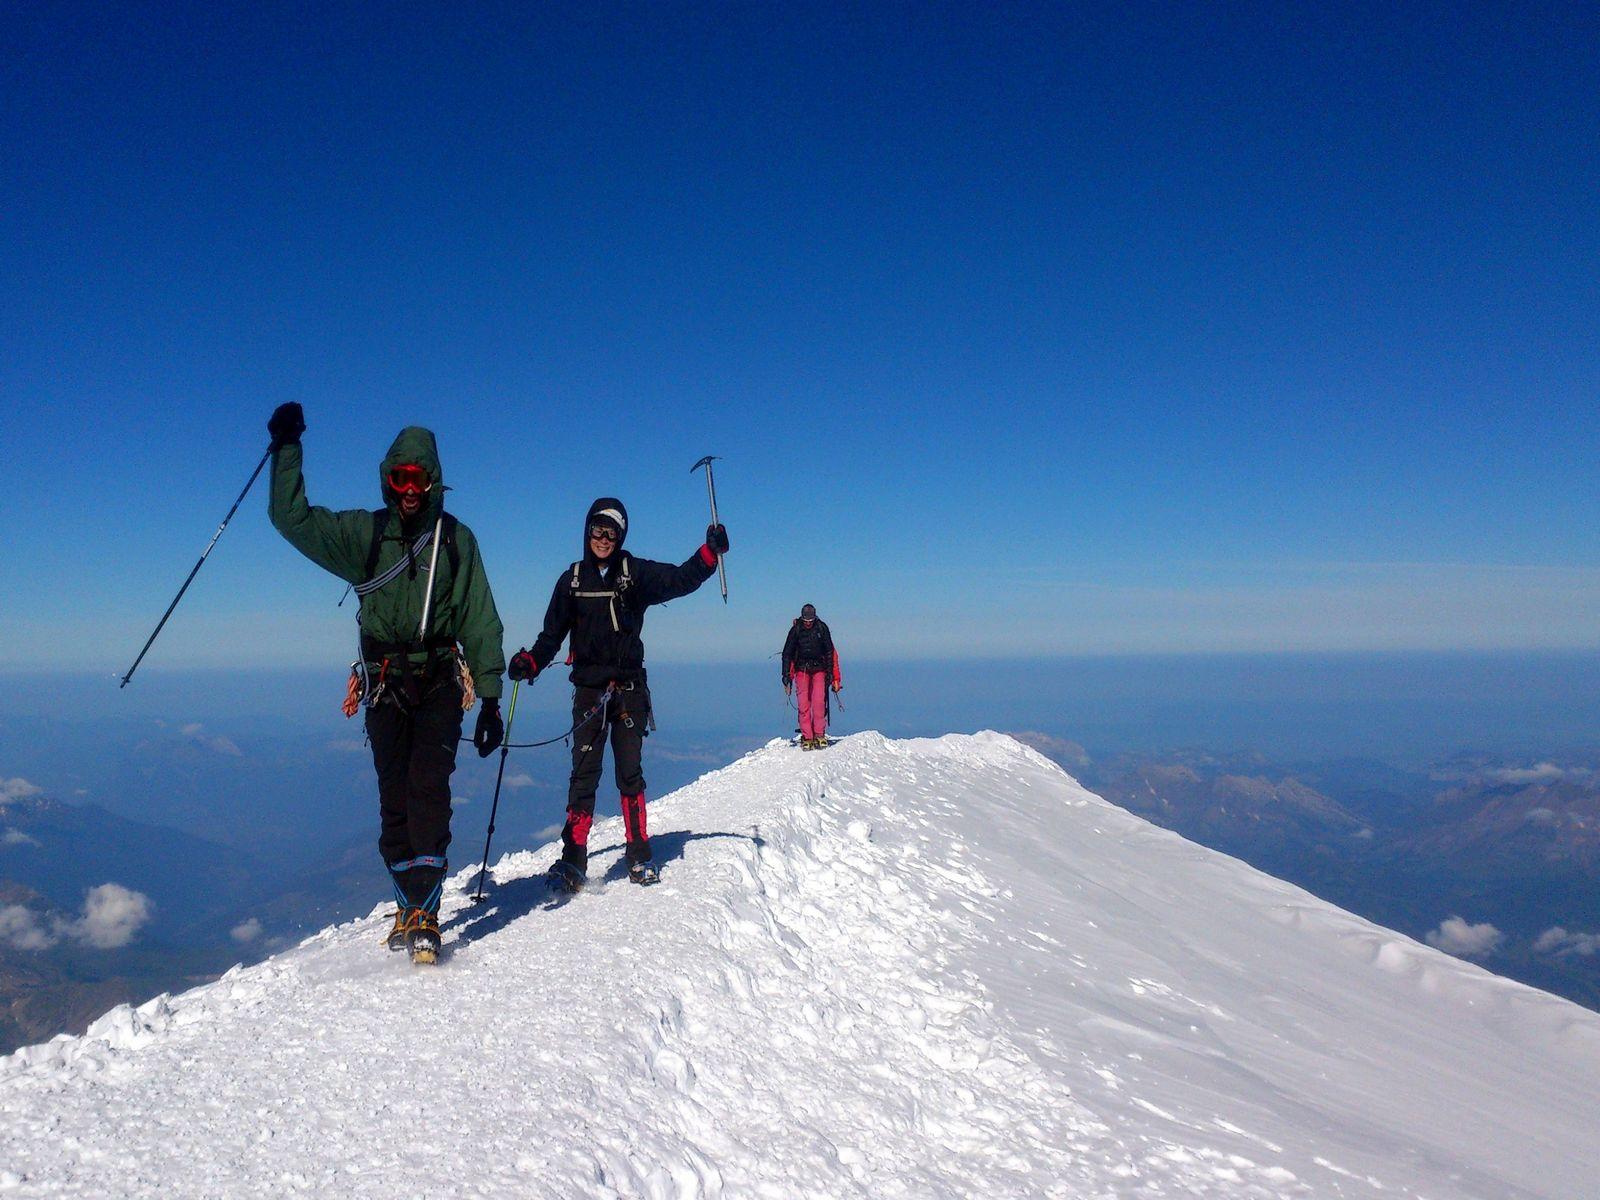 Séminaire alpinisme et ascension mythique dans les alpes